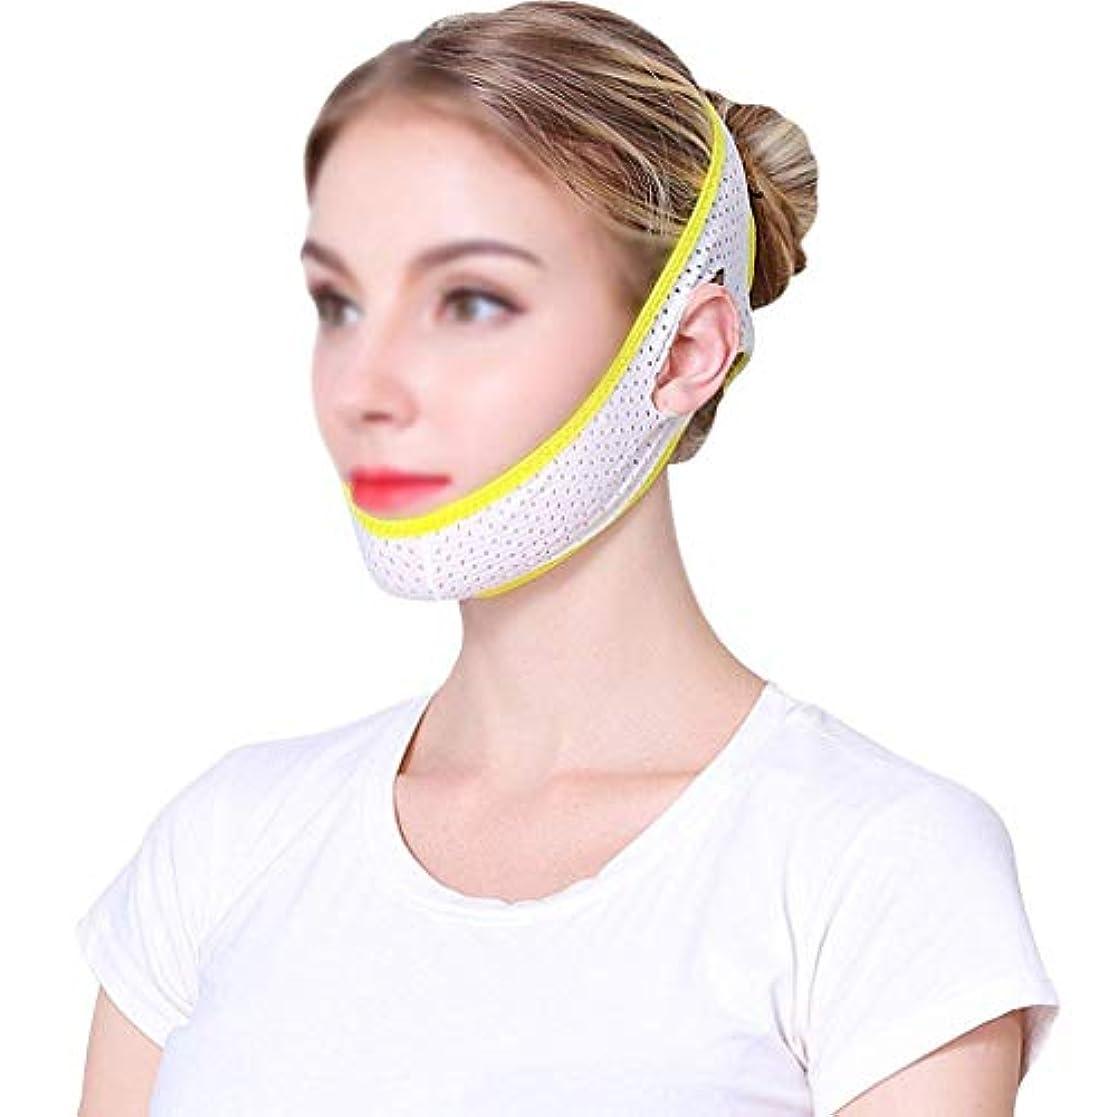 空白論理的褒賞マスク、包帯、整形外科の夏の通気性の薄いセクション二重あごひものVの表面の薄いフェイスマスクを持ち上げて下さい